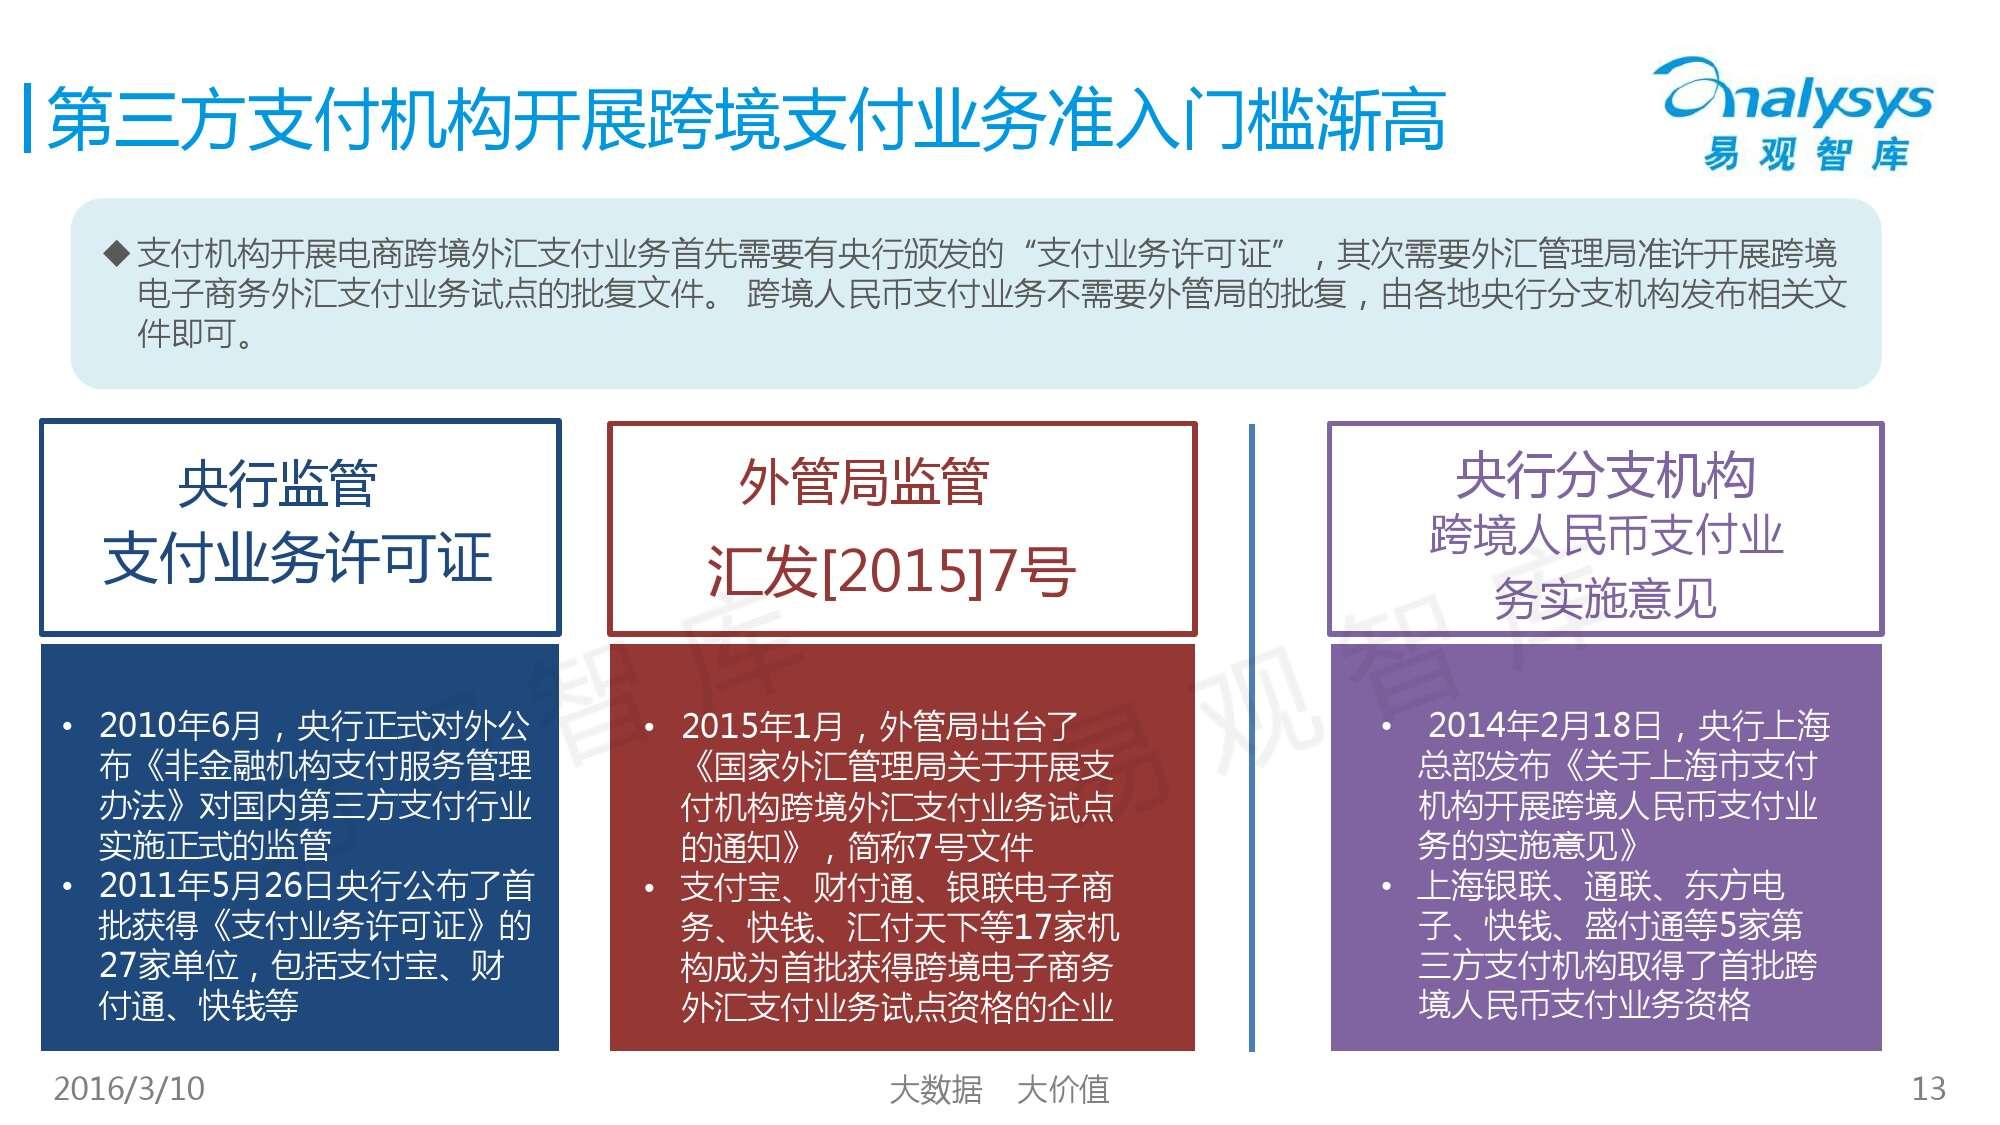 中国跨境支付市场专题研究报告2016_000013